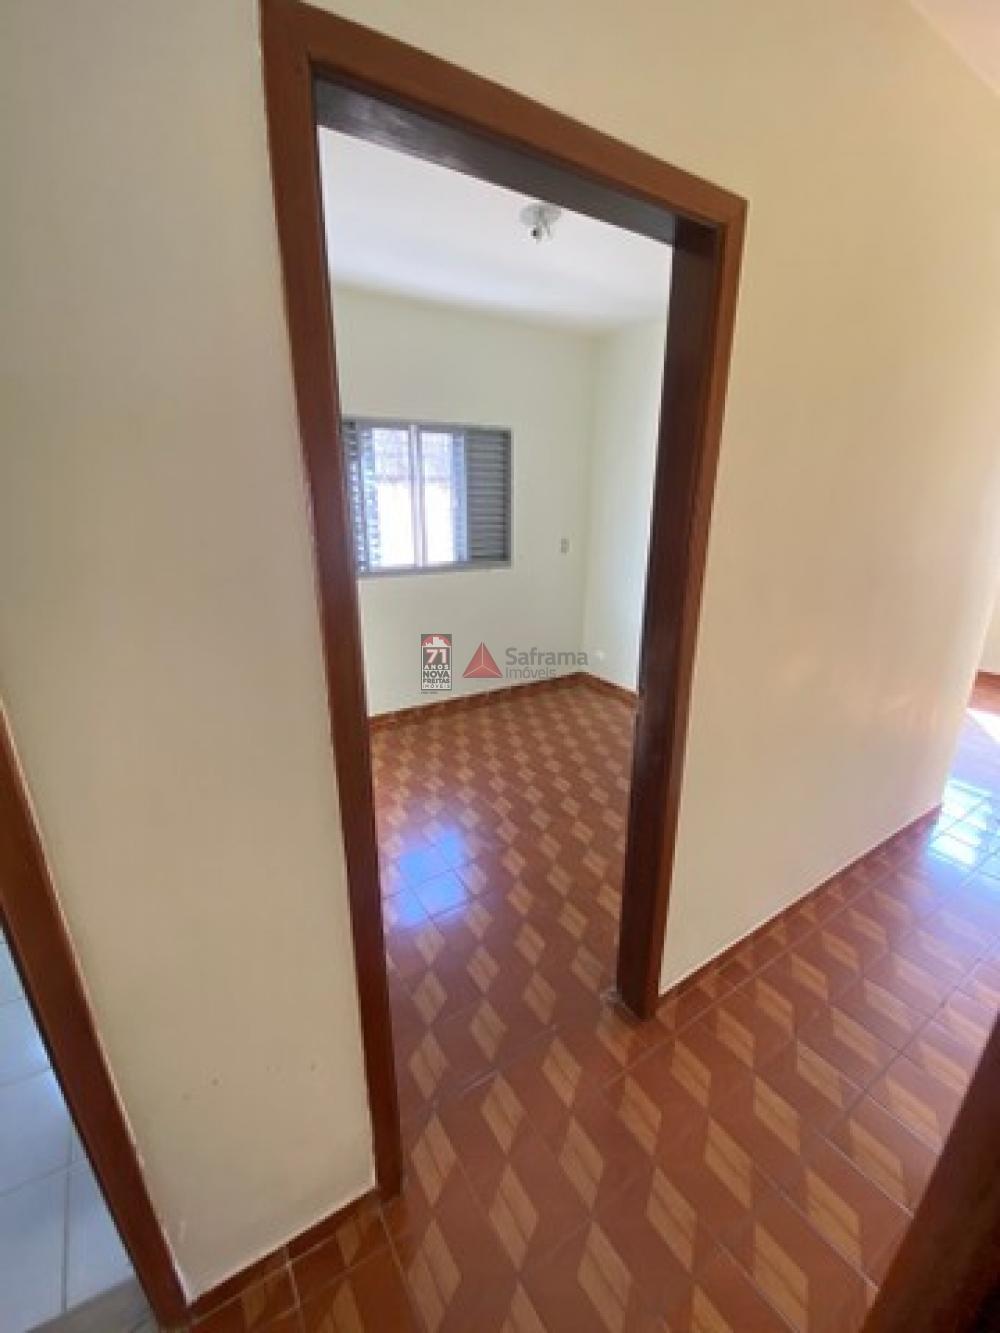 Comprar Casa / Padrão em São José dos Campos R$ 450.000,00 - Foto 7